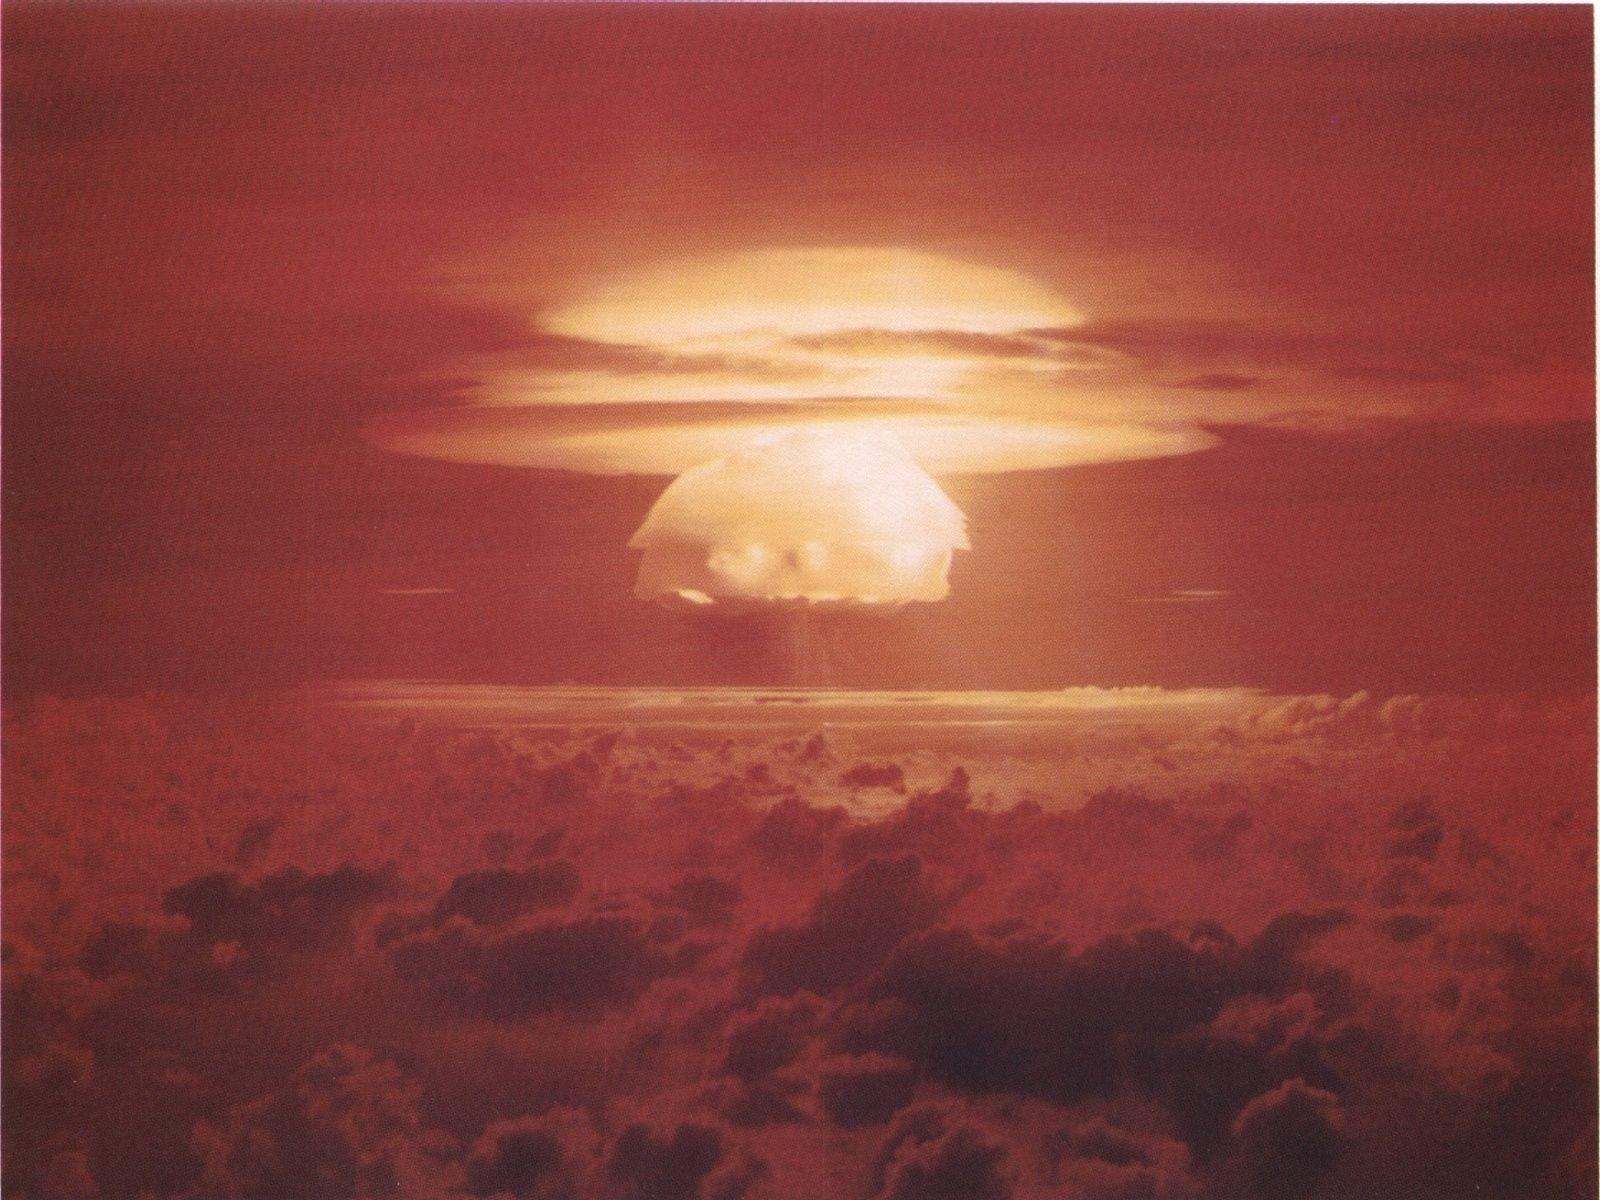 L'Horloge de la fin du monde est de 30 secondes plus près de l'apocalypse, notamment motivée par l'arrivée de Donald Trump